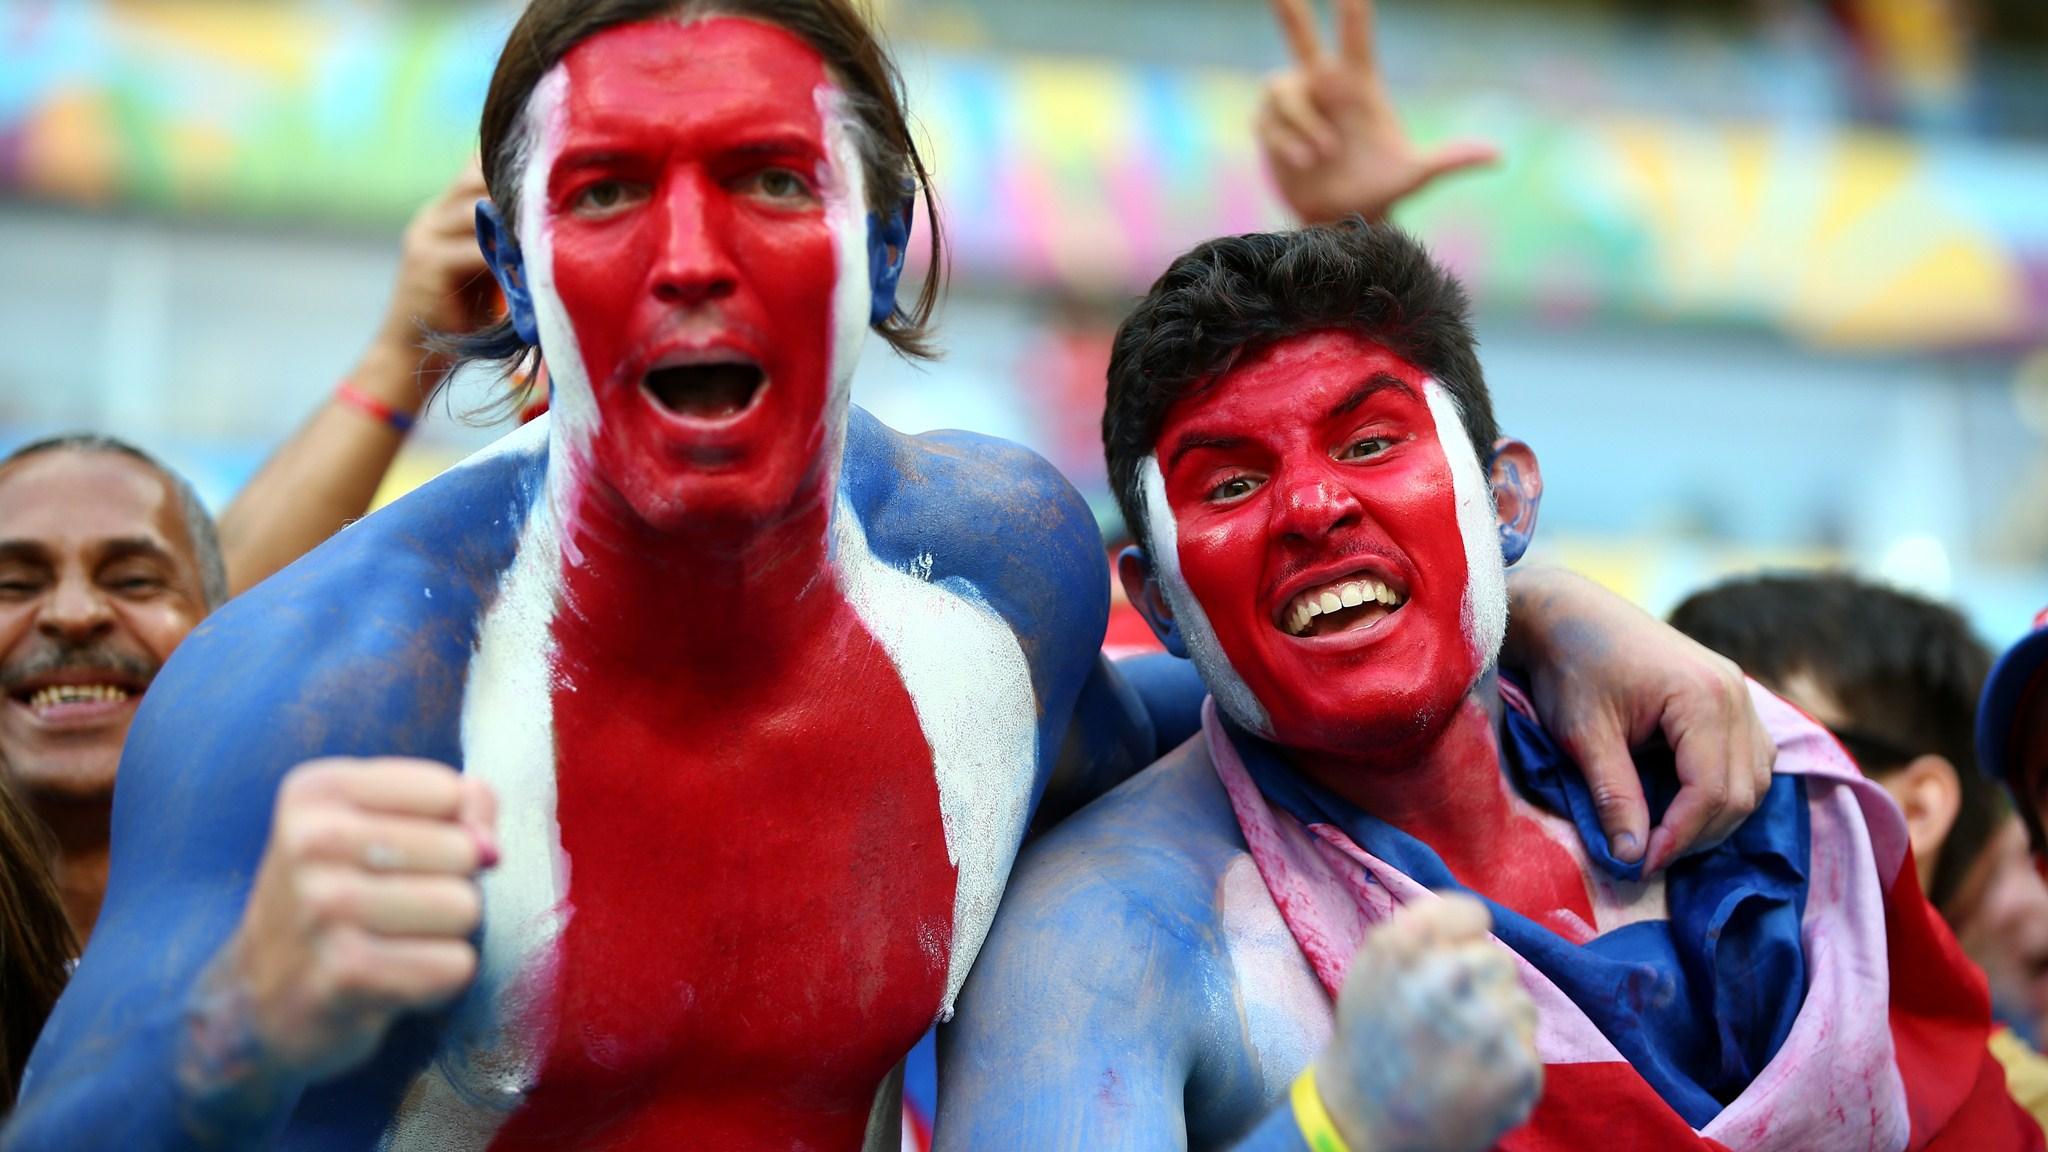 181 - Costa Rica-Greece [1-1 - Costa Rica win on penalties (5 - 3)] -- 29 Jun 2014 - 17-00 - kuaza